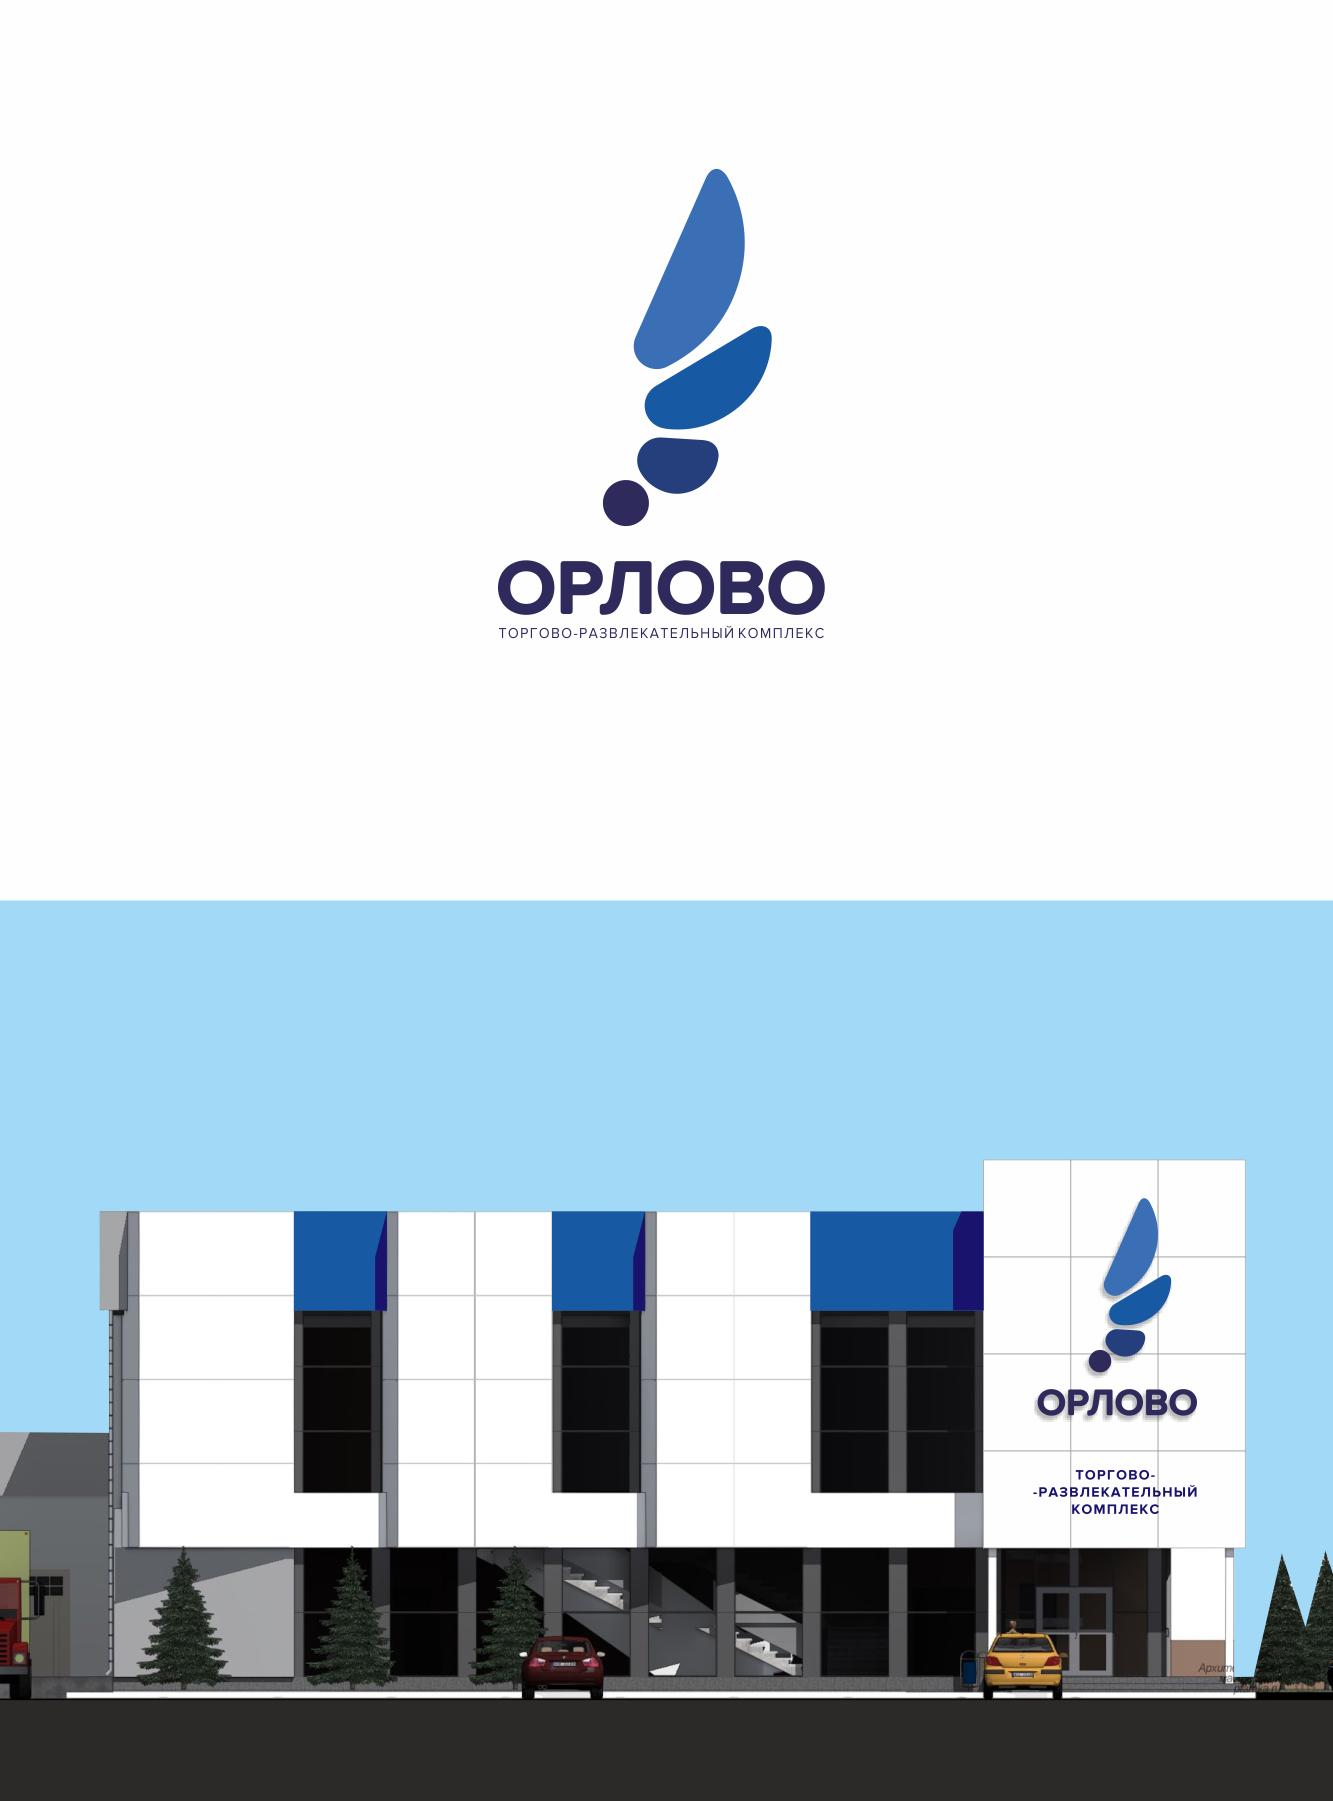 Разработка логотипа для Торгово-развлекательного комплекса фото f_6385969af0cac957.png